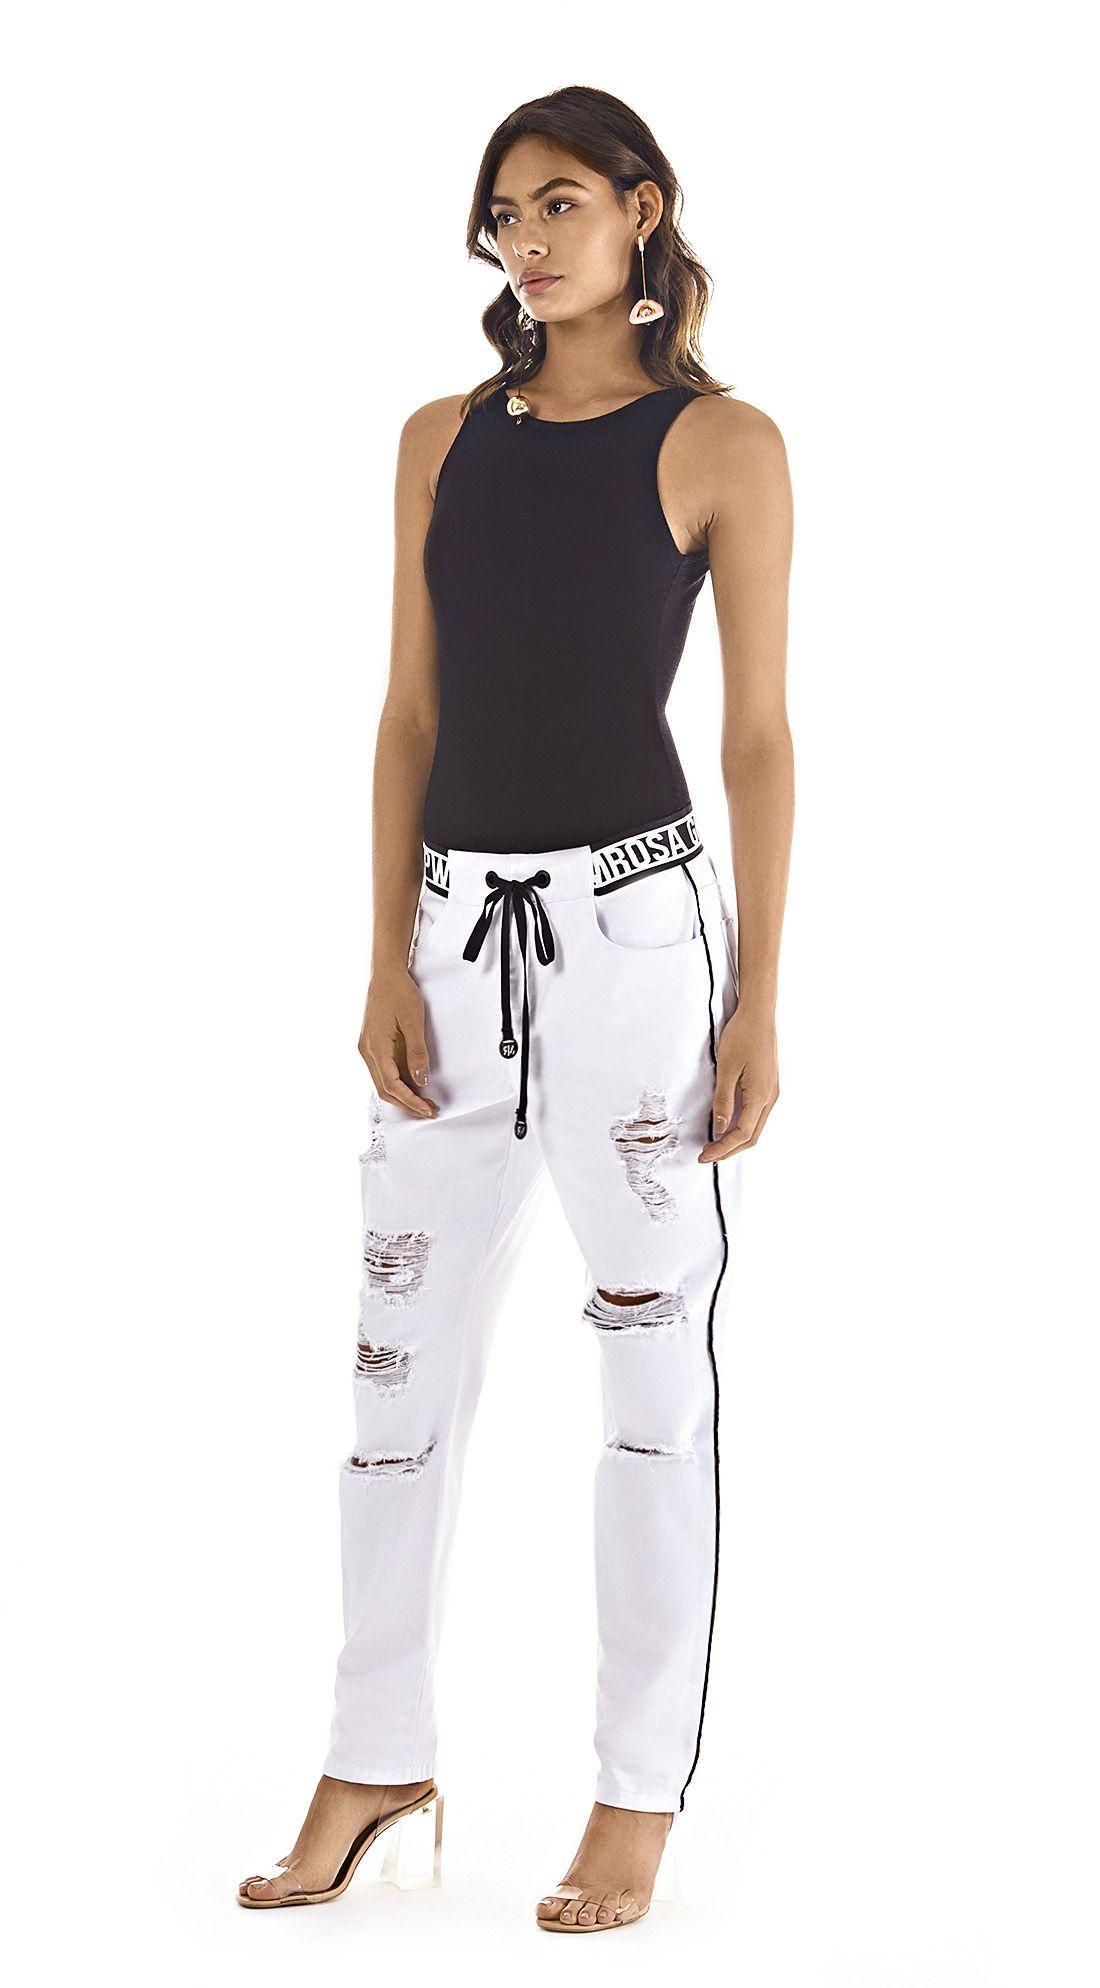 e3ed91d75 Calca Comfort Dani Cos Baixo Com Puidos Branco | \ jeans in 2019 ...